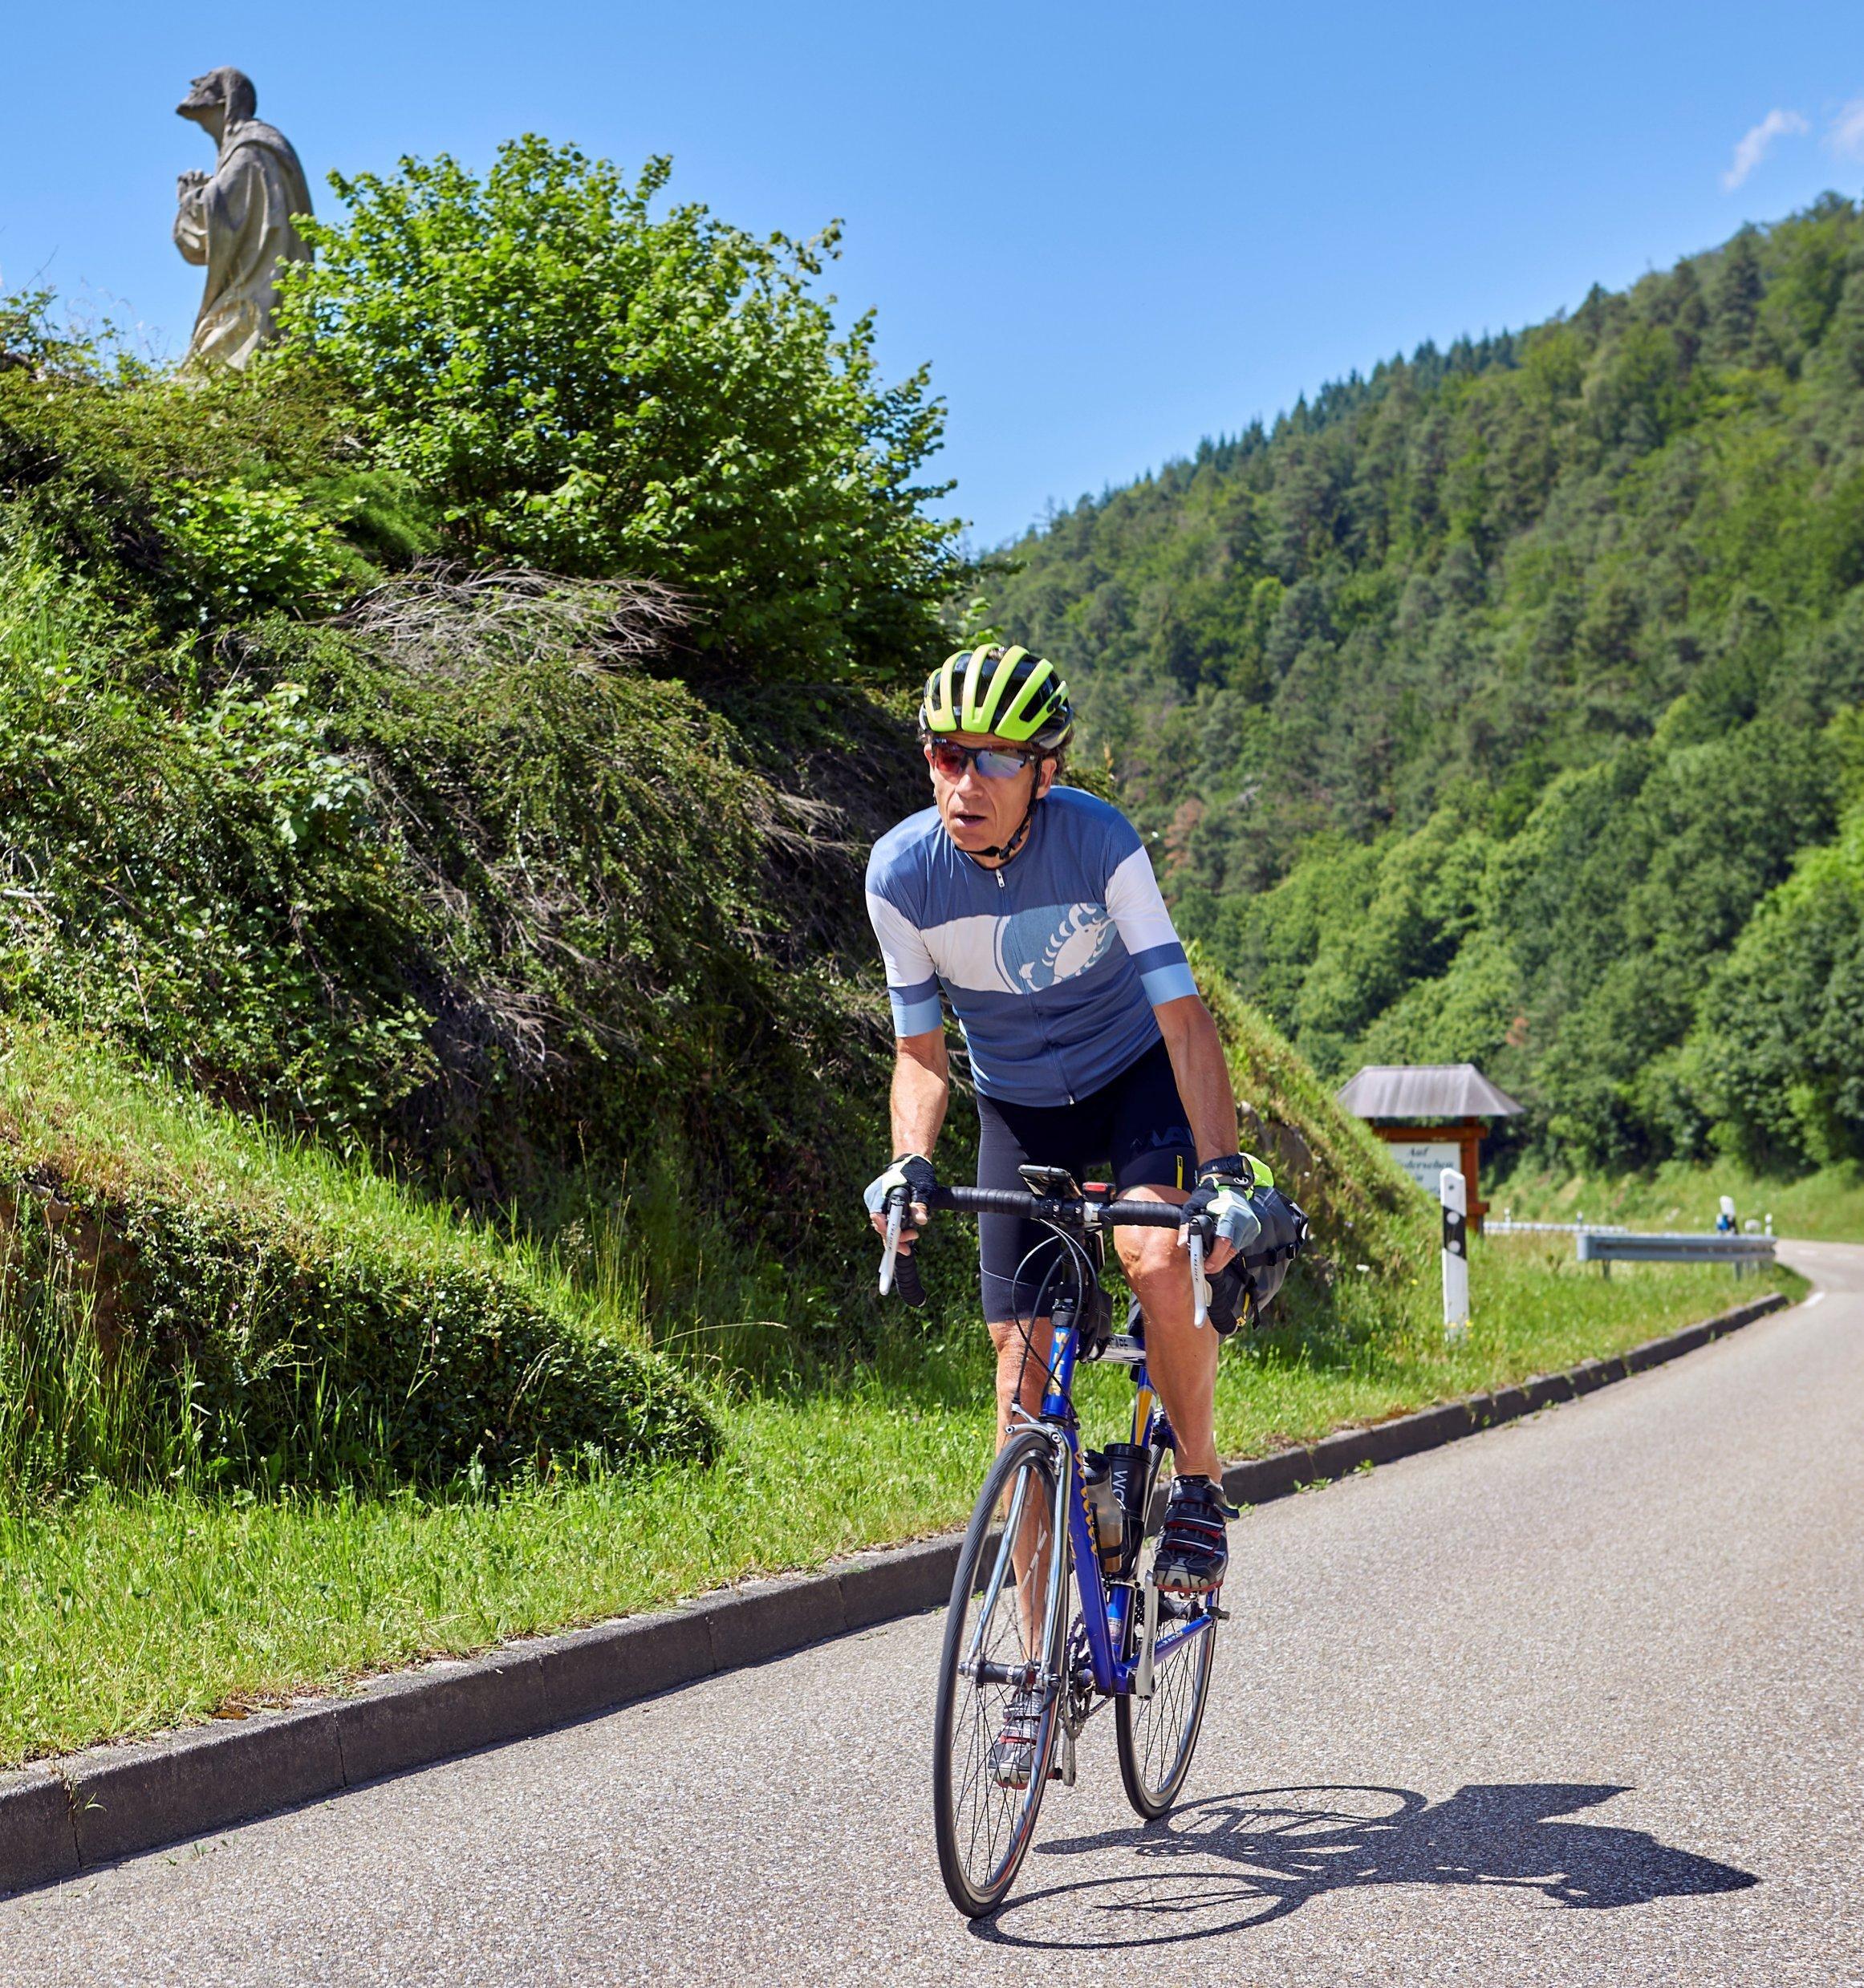 Martin C. Roos im Wiegetritt auf seinem Rennrad, im Hintergrund eine betende Steinfigur.